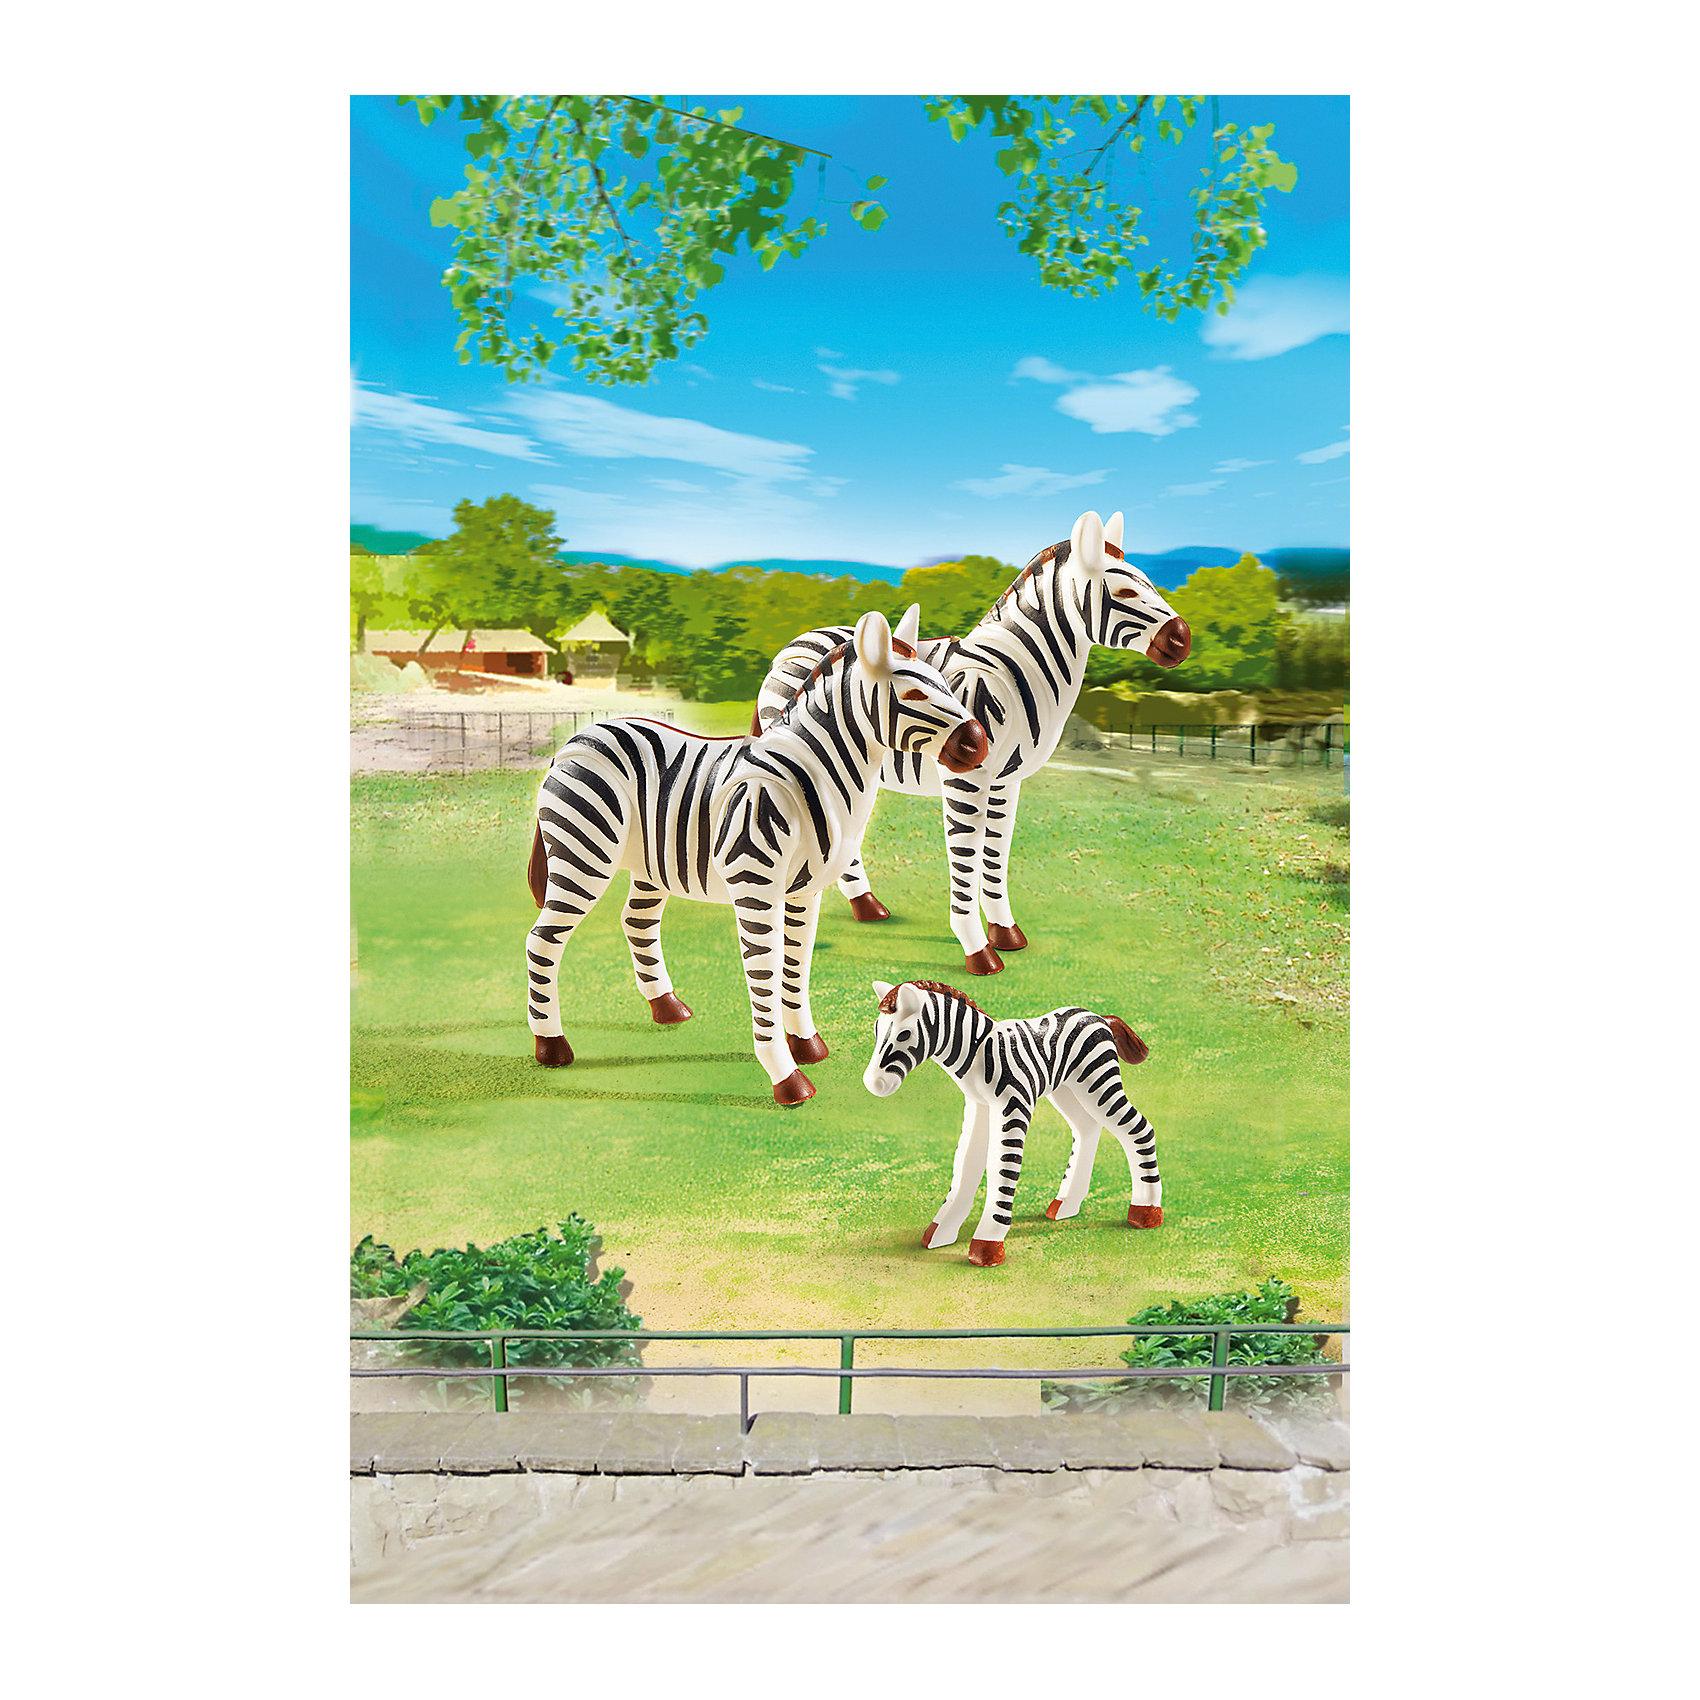 PLAYMOBIL® Зоопарк: Семья Зебр, PLAYMOBIL playmobil® зоопарк стая фламинго playmobil